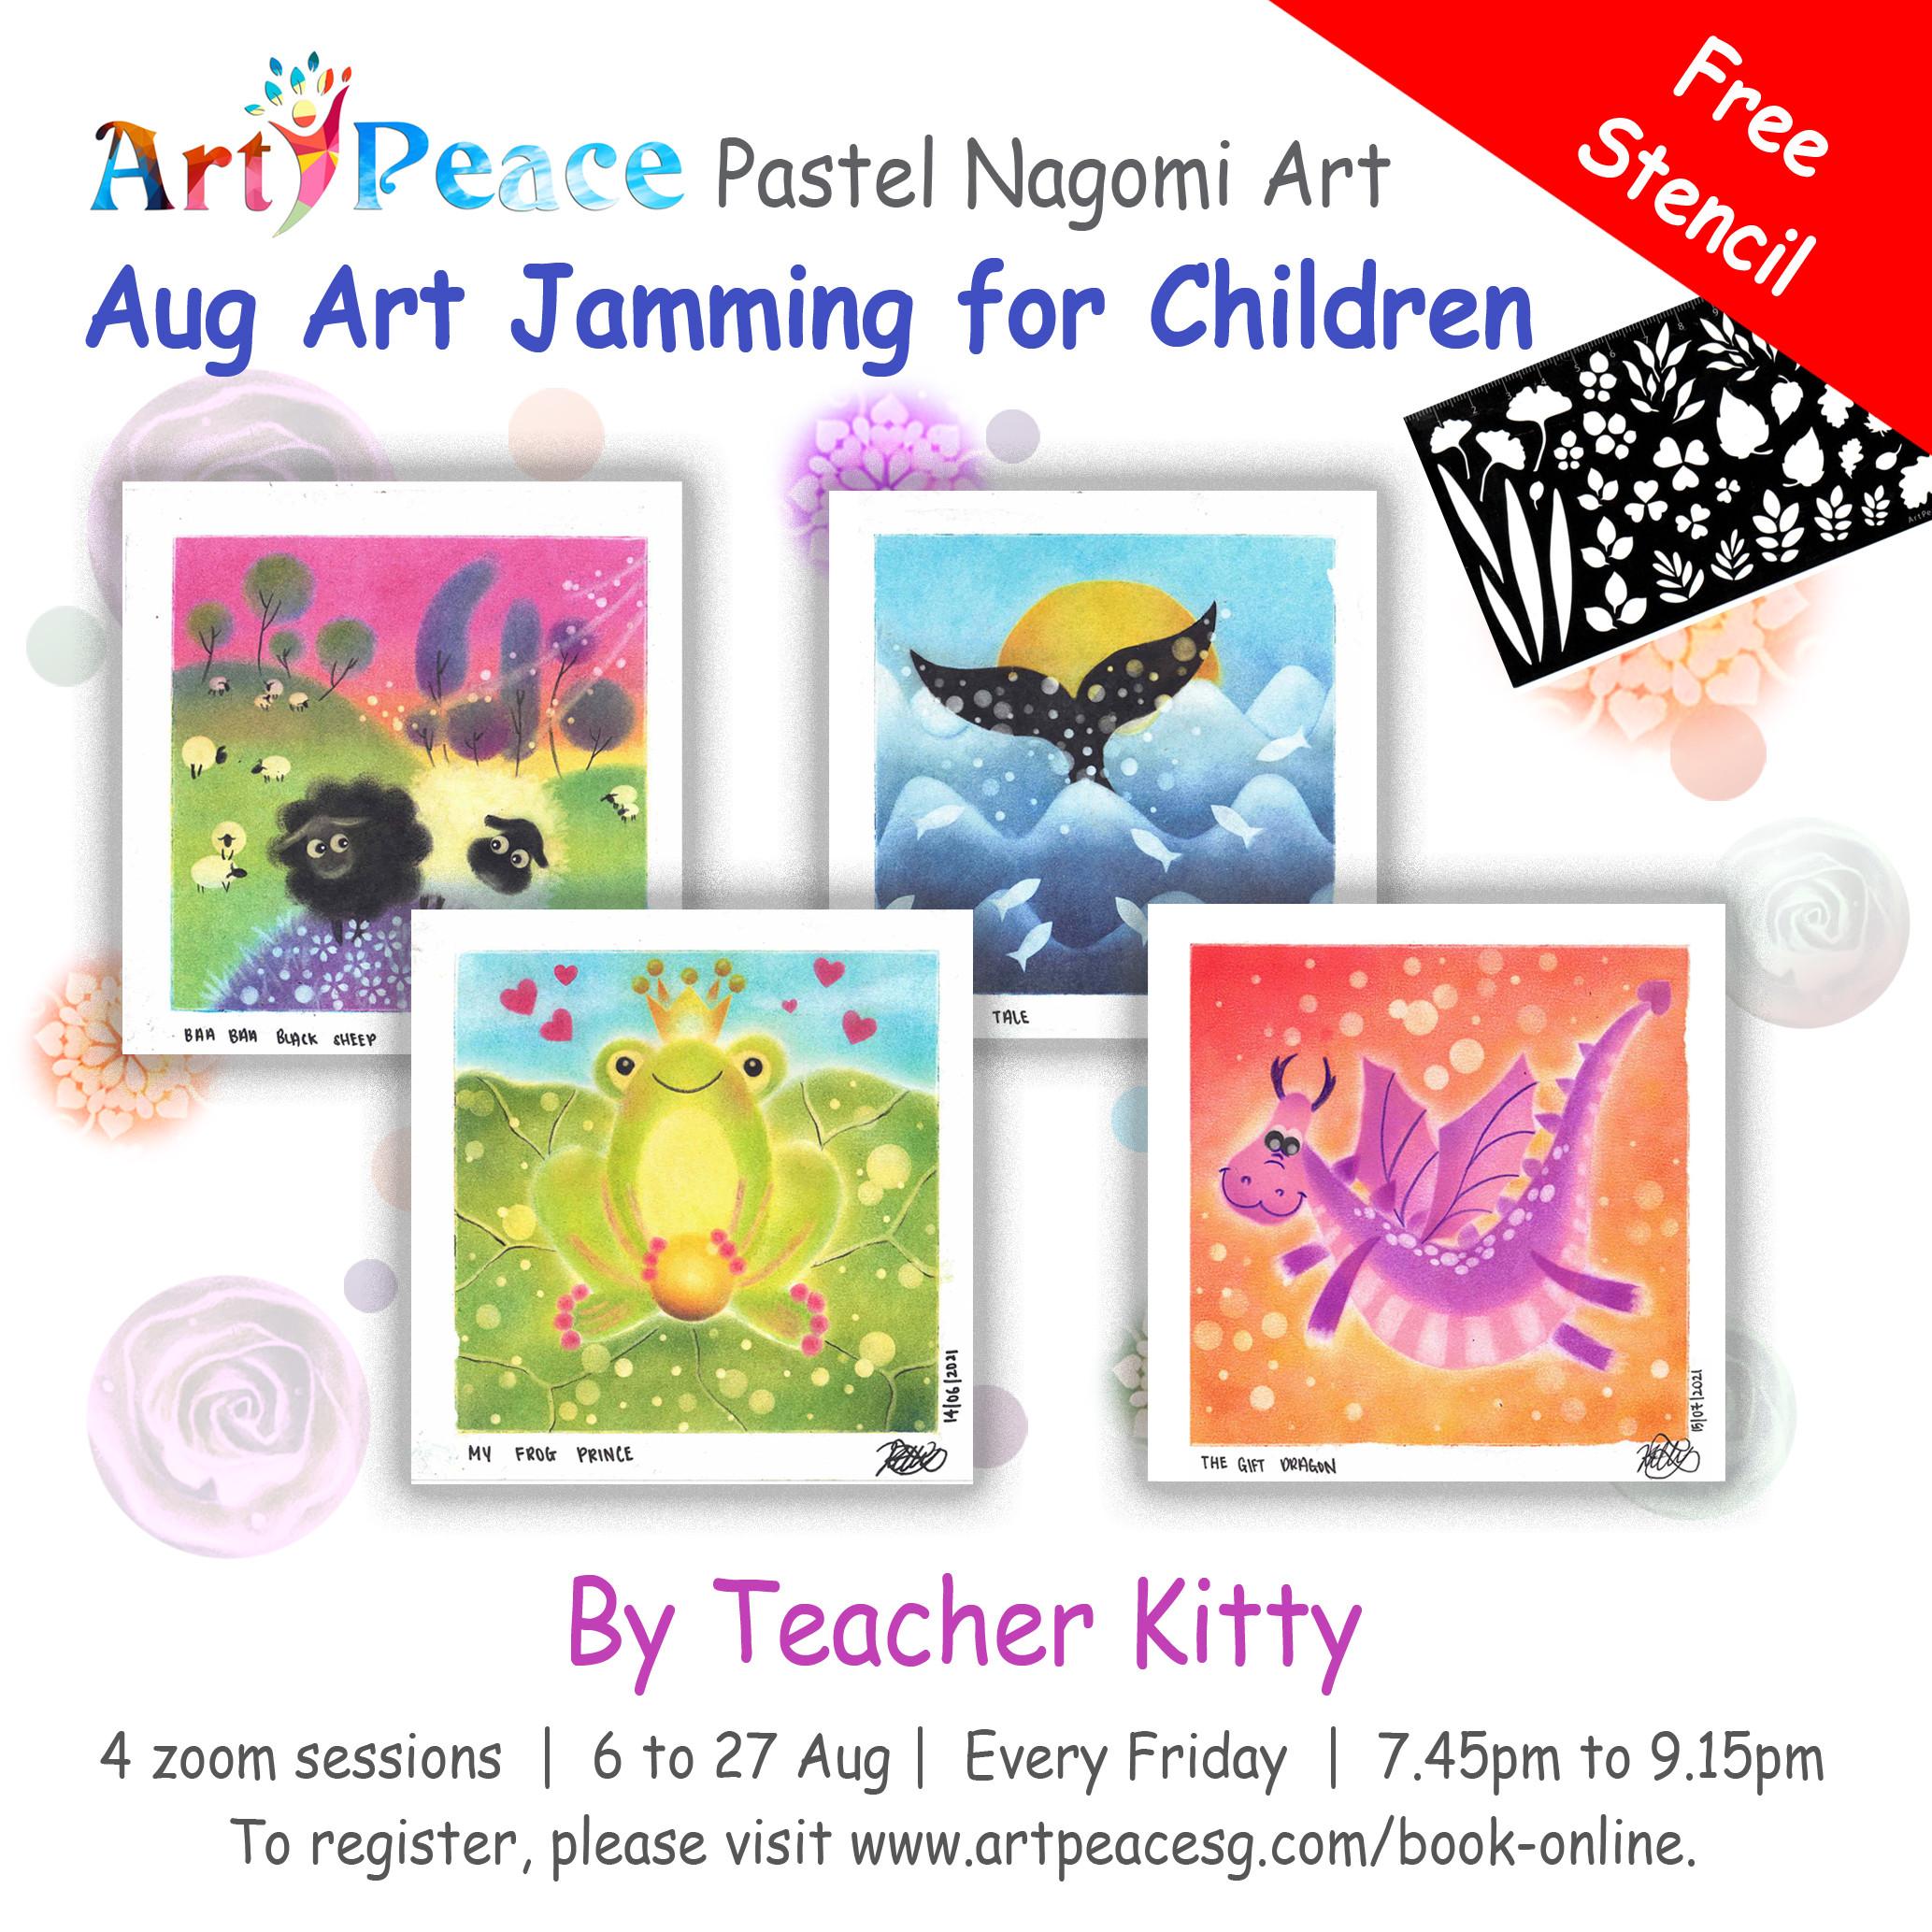 August PNA Jamming for Children